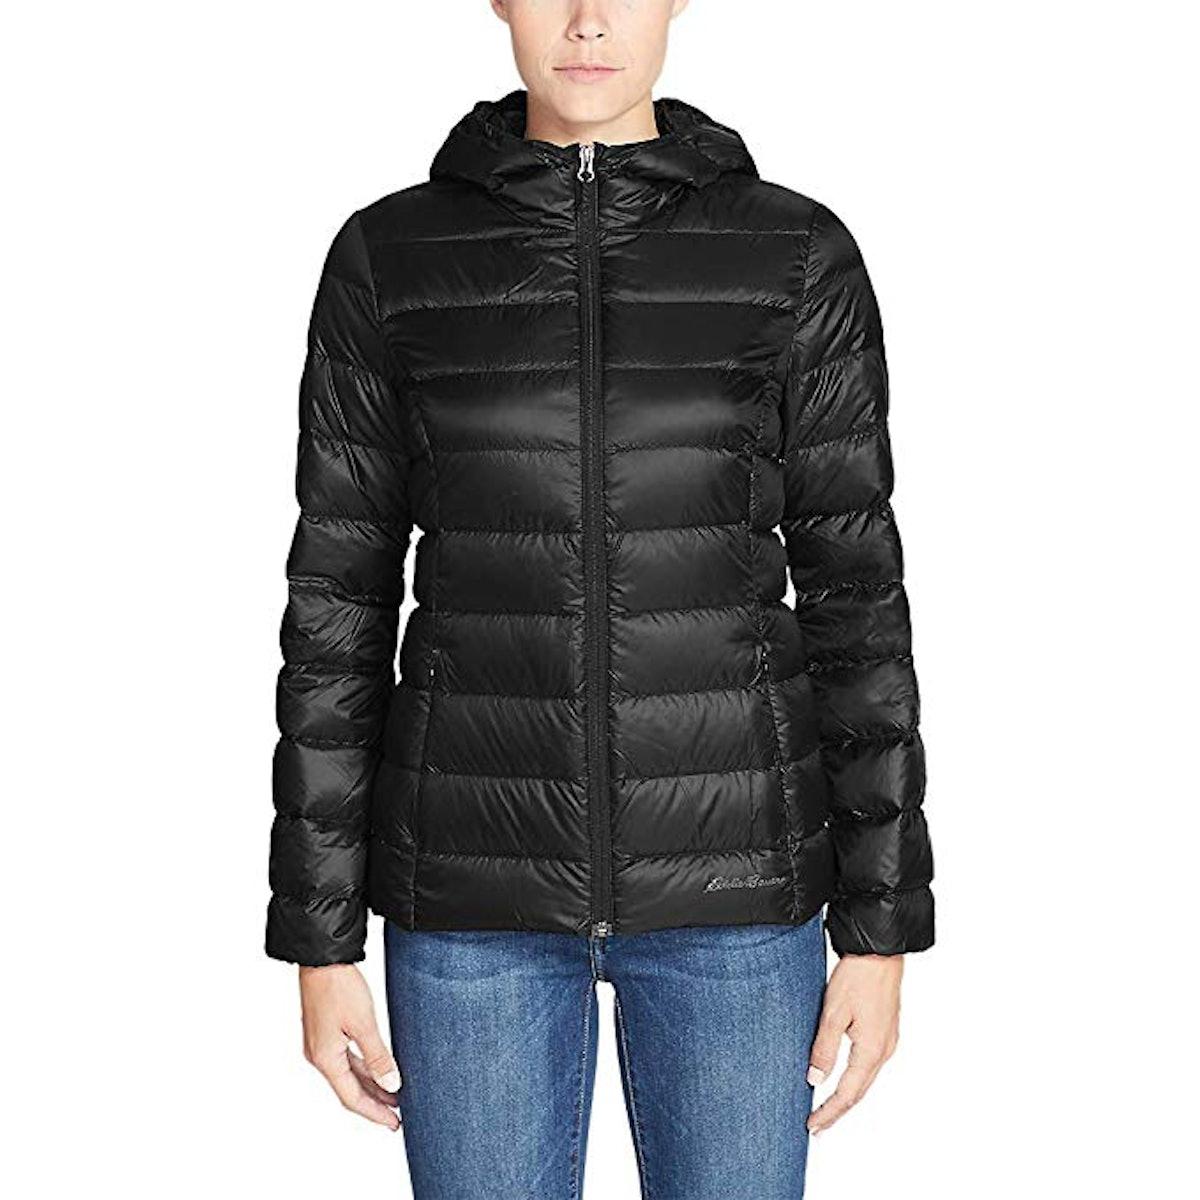 Eddie Bauer Women's CirrusLite Down Hooded Jacket